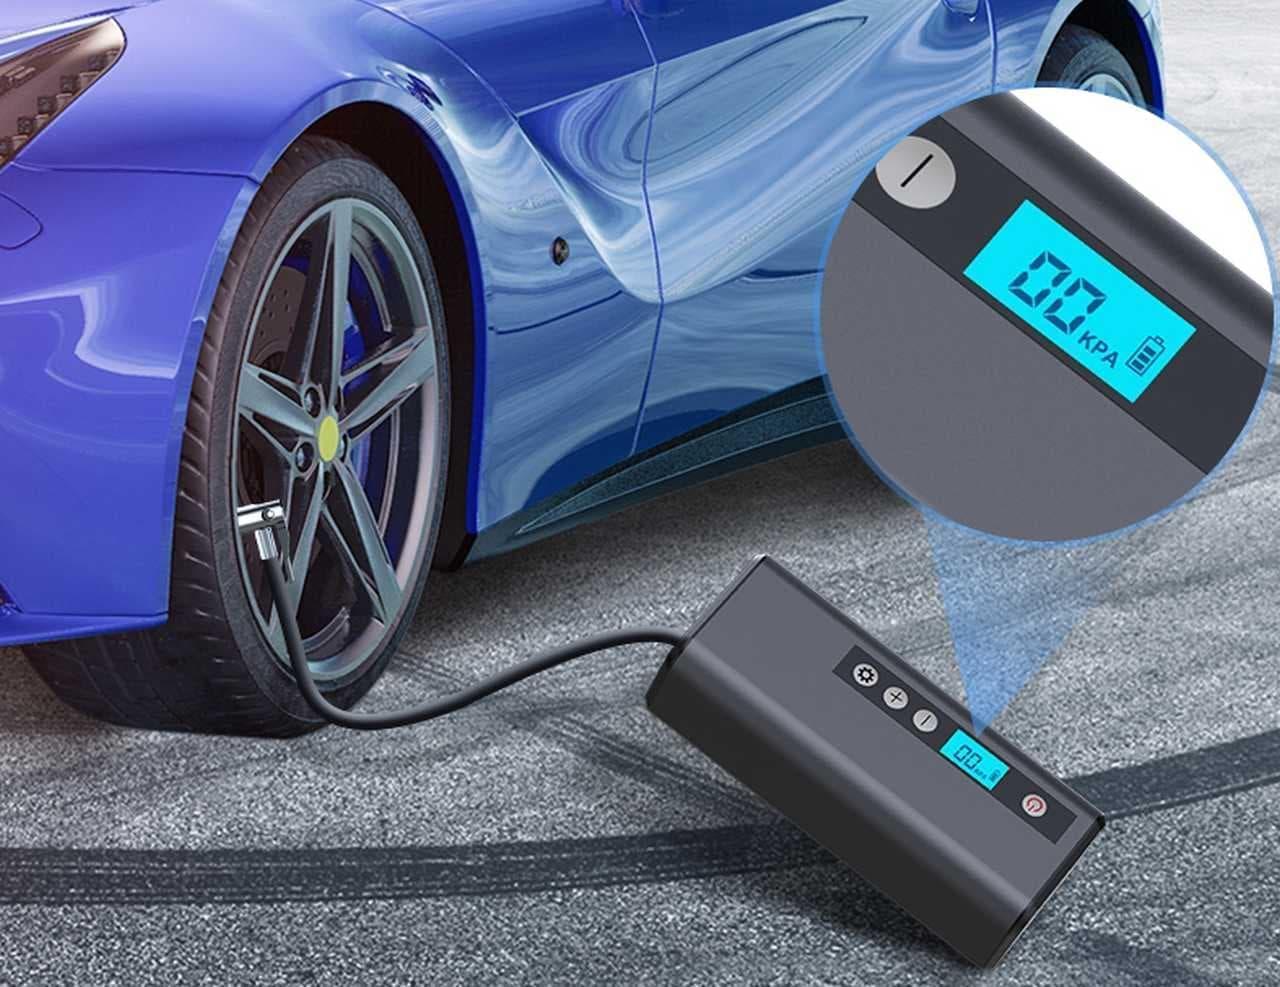 クルマやバイクのタイヤに空気を補充 コードレス電動空気入れ「K8」 Campfireで先行予約販売